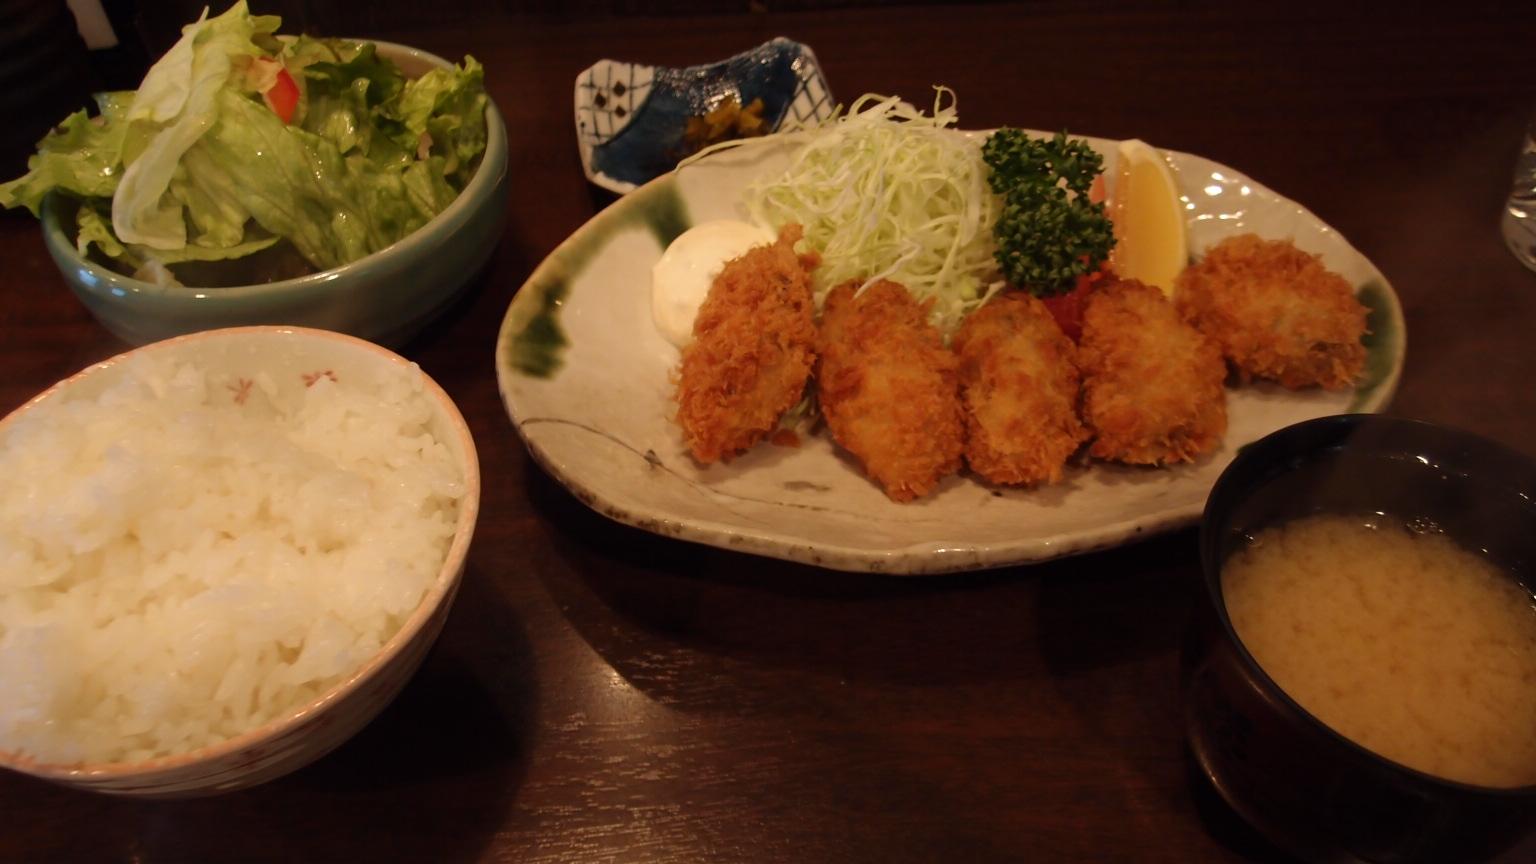 銀座 かきしゃぶ屋 牡蠣フライ定食